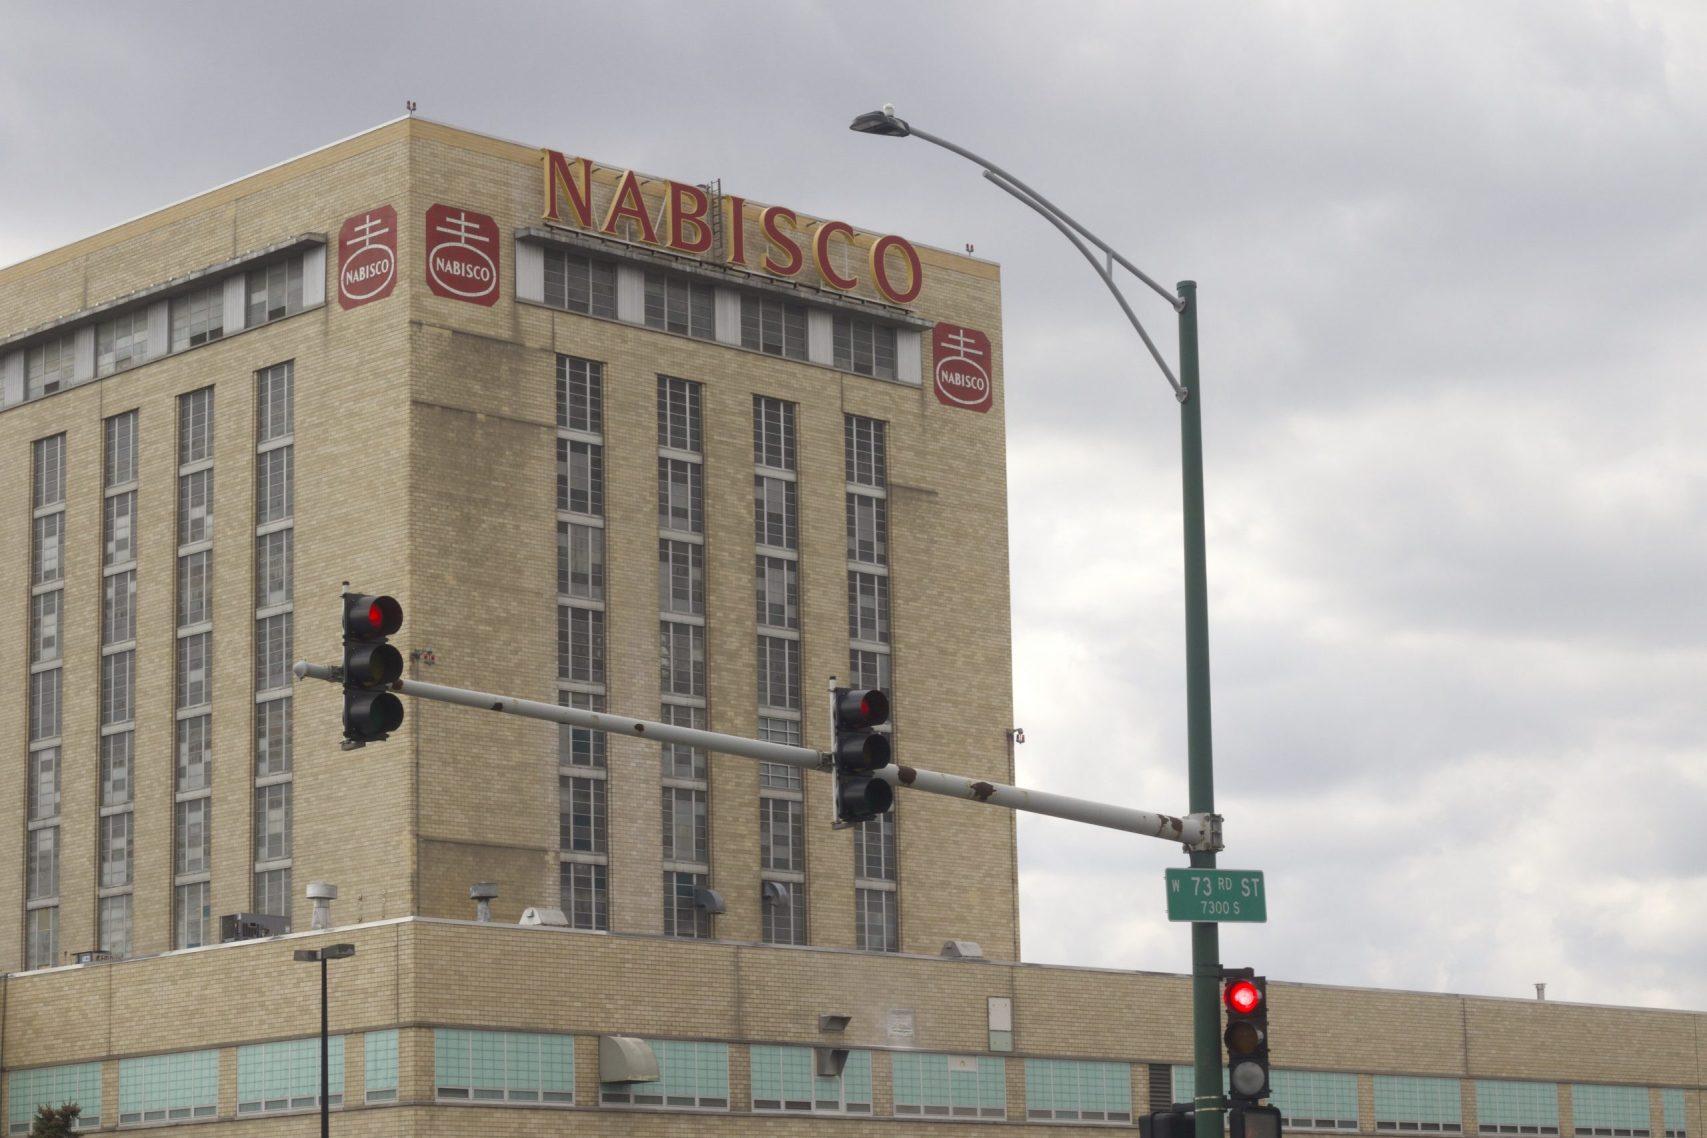 Nabisco plant on 7300 S. Kedzie in Chicago